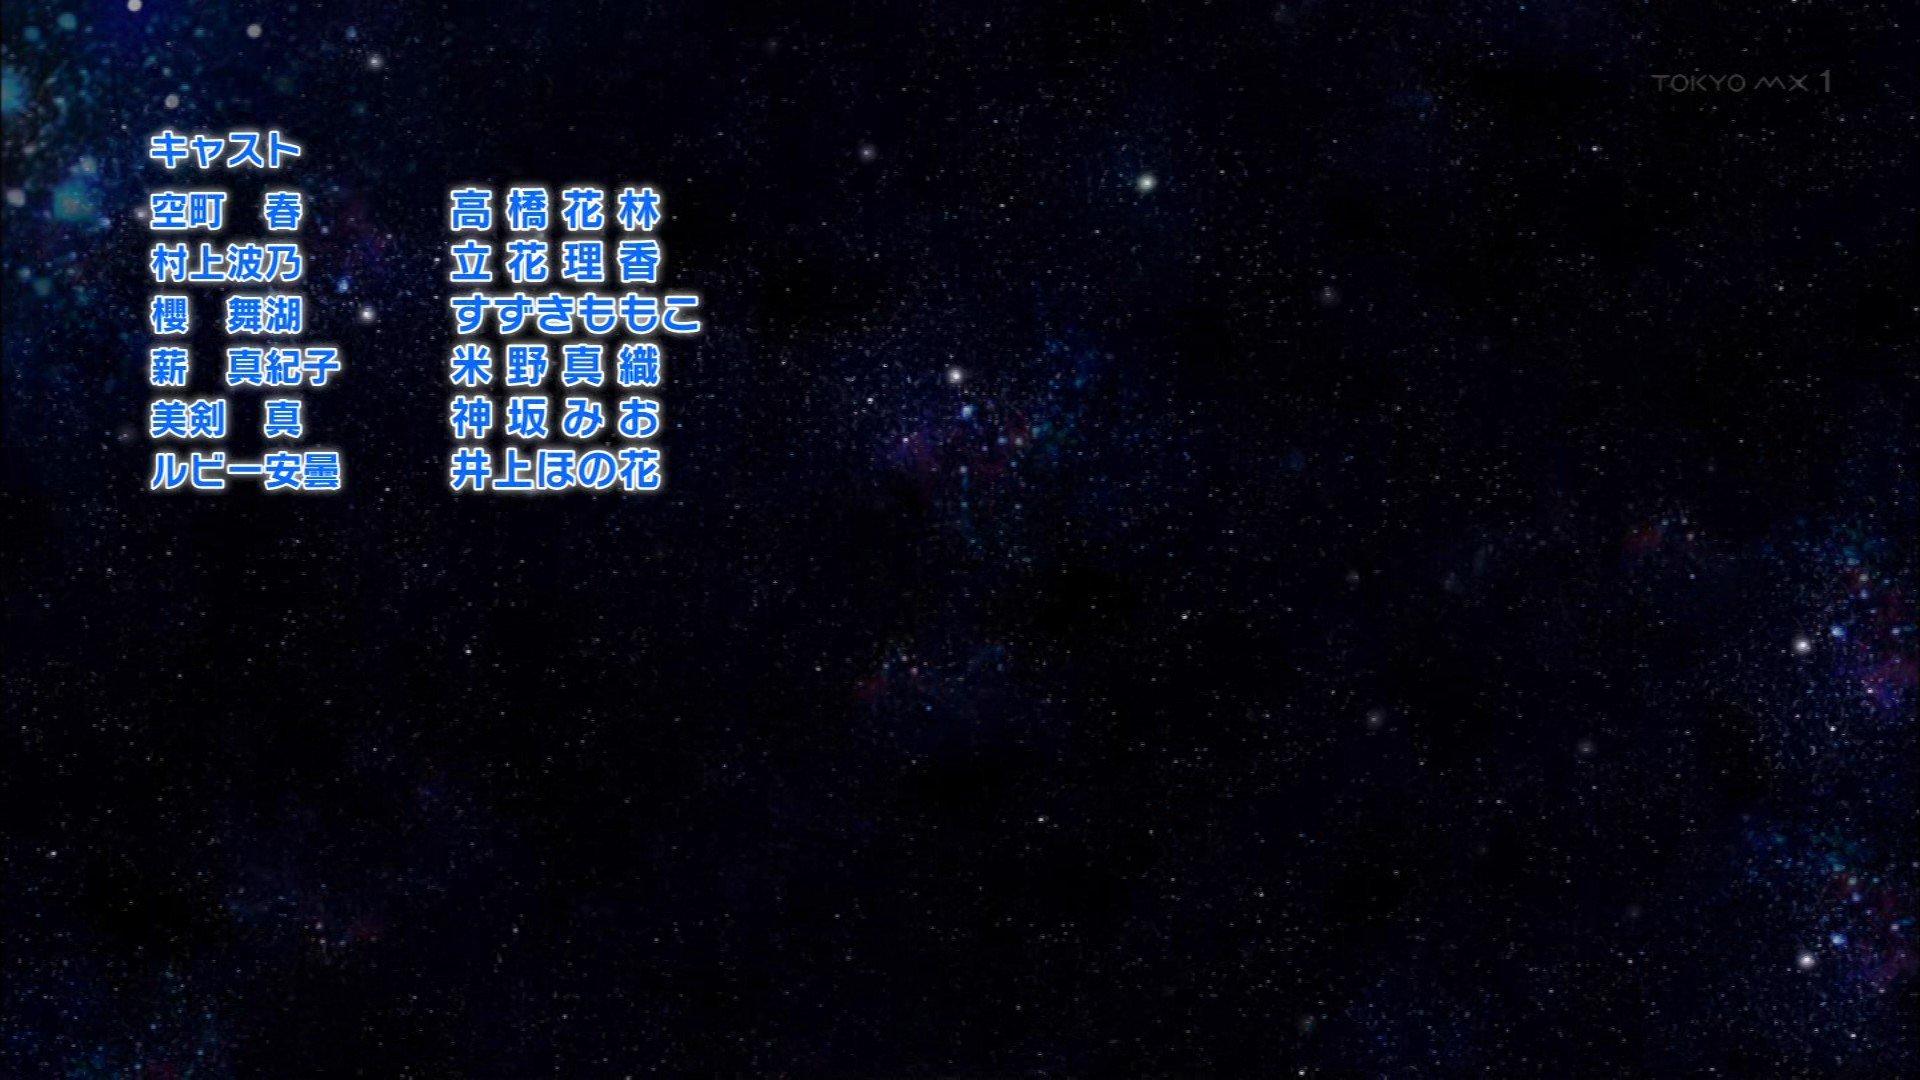 キャスト #soraumi_anime #ソラウミアニメ #tokyomx https://t.co/qP2jDCggON